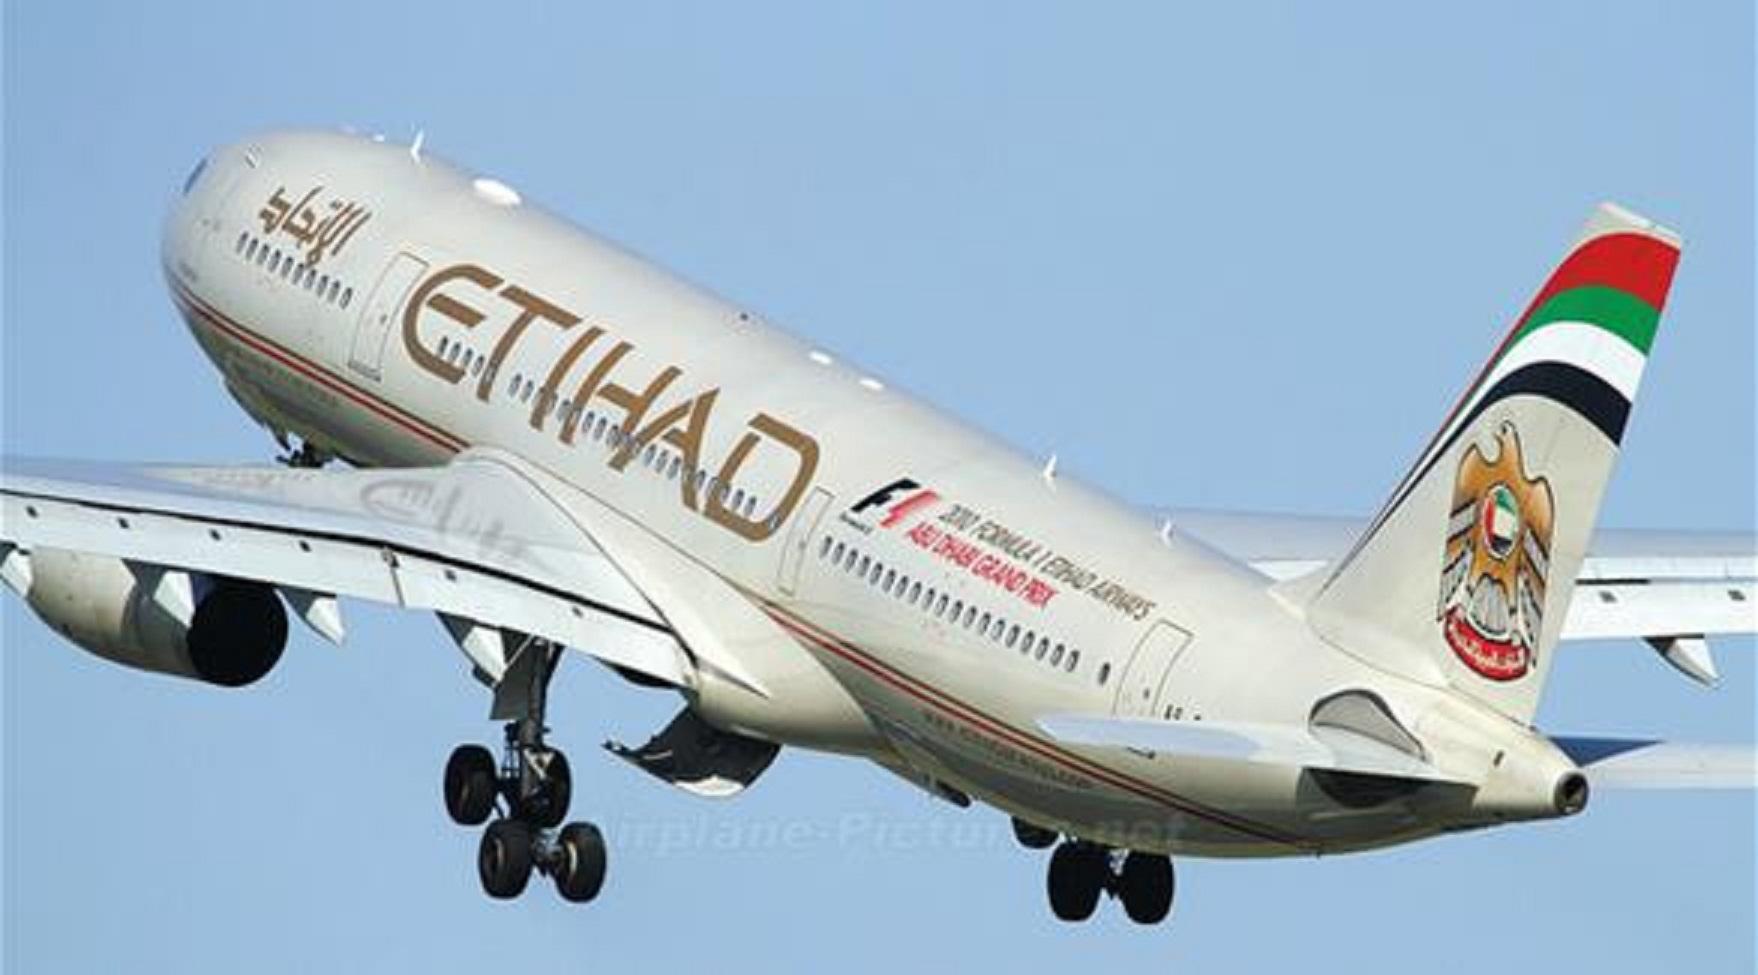 شركات أوروبية تهاجم شركات الطيران الوطنية وتطالب بتغيير القوانين